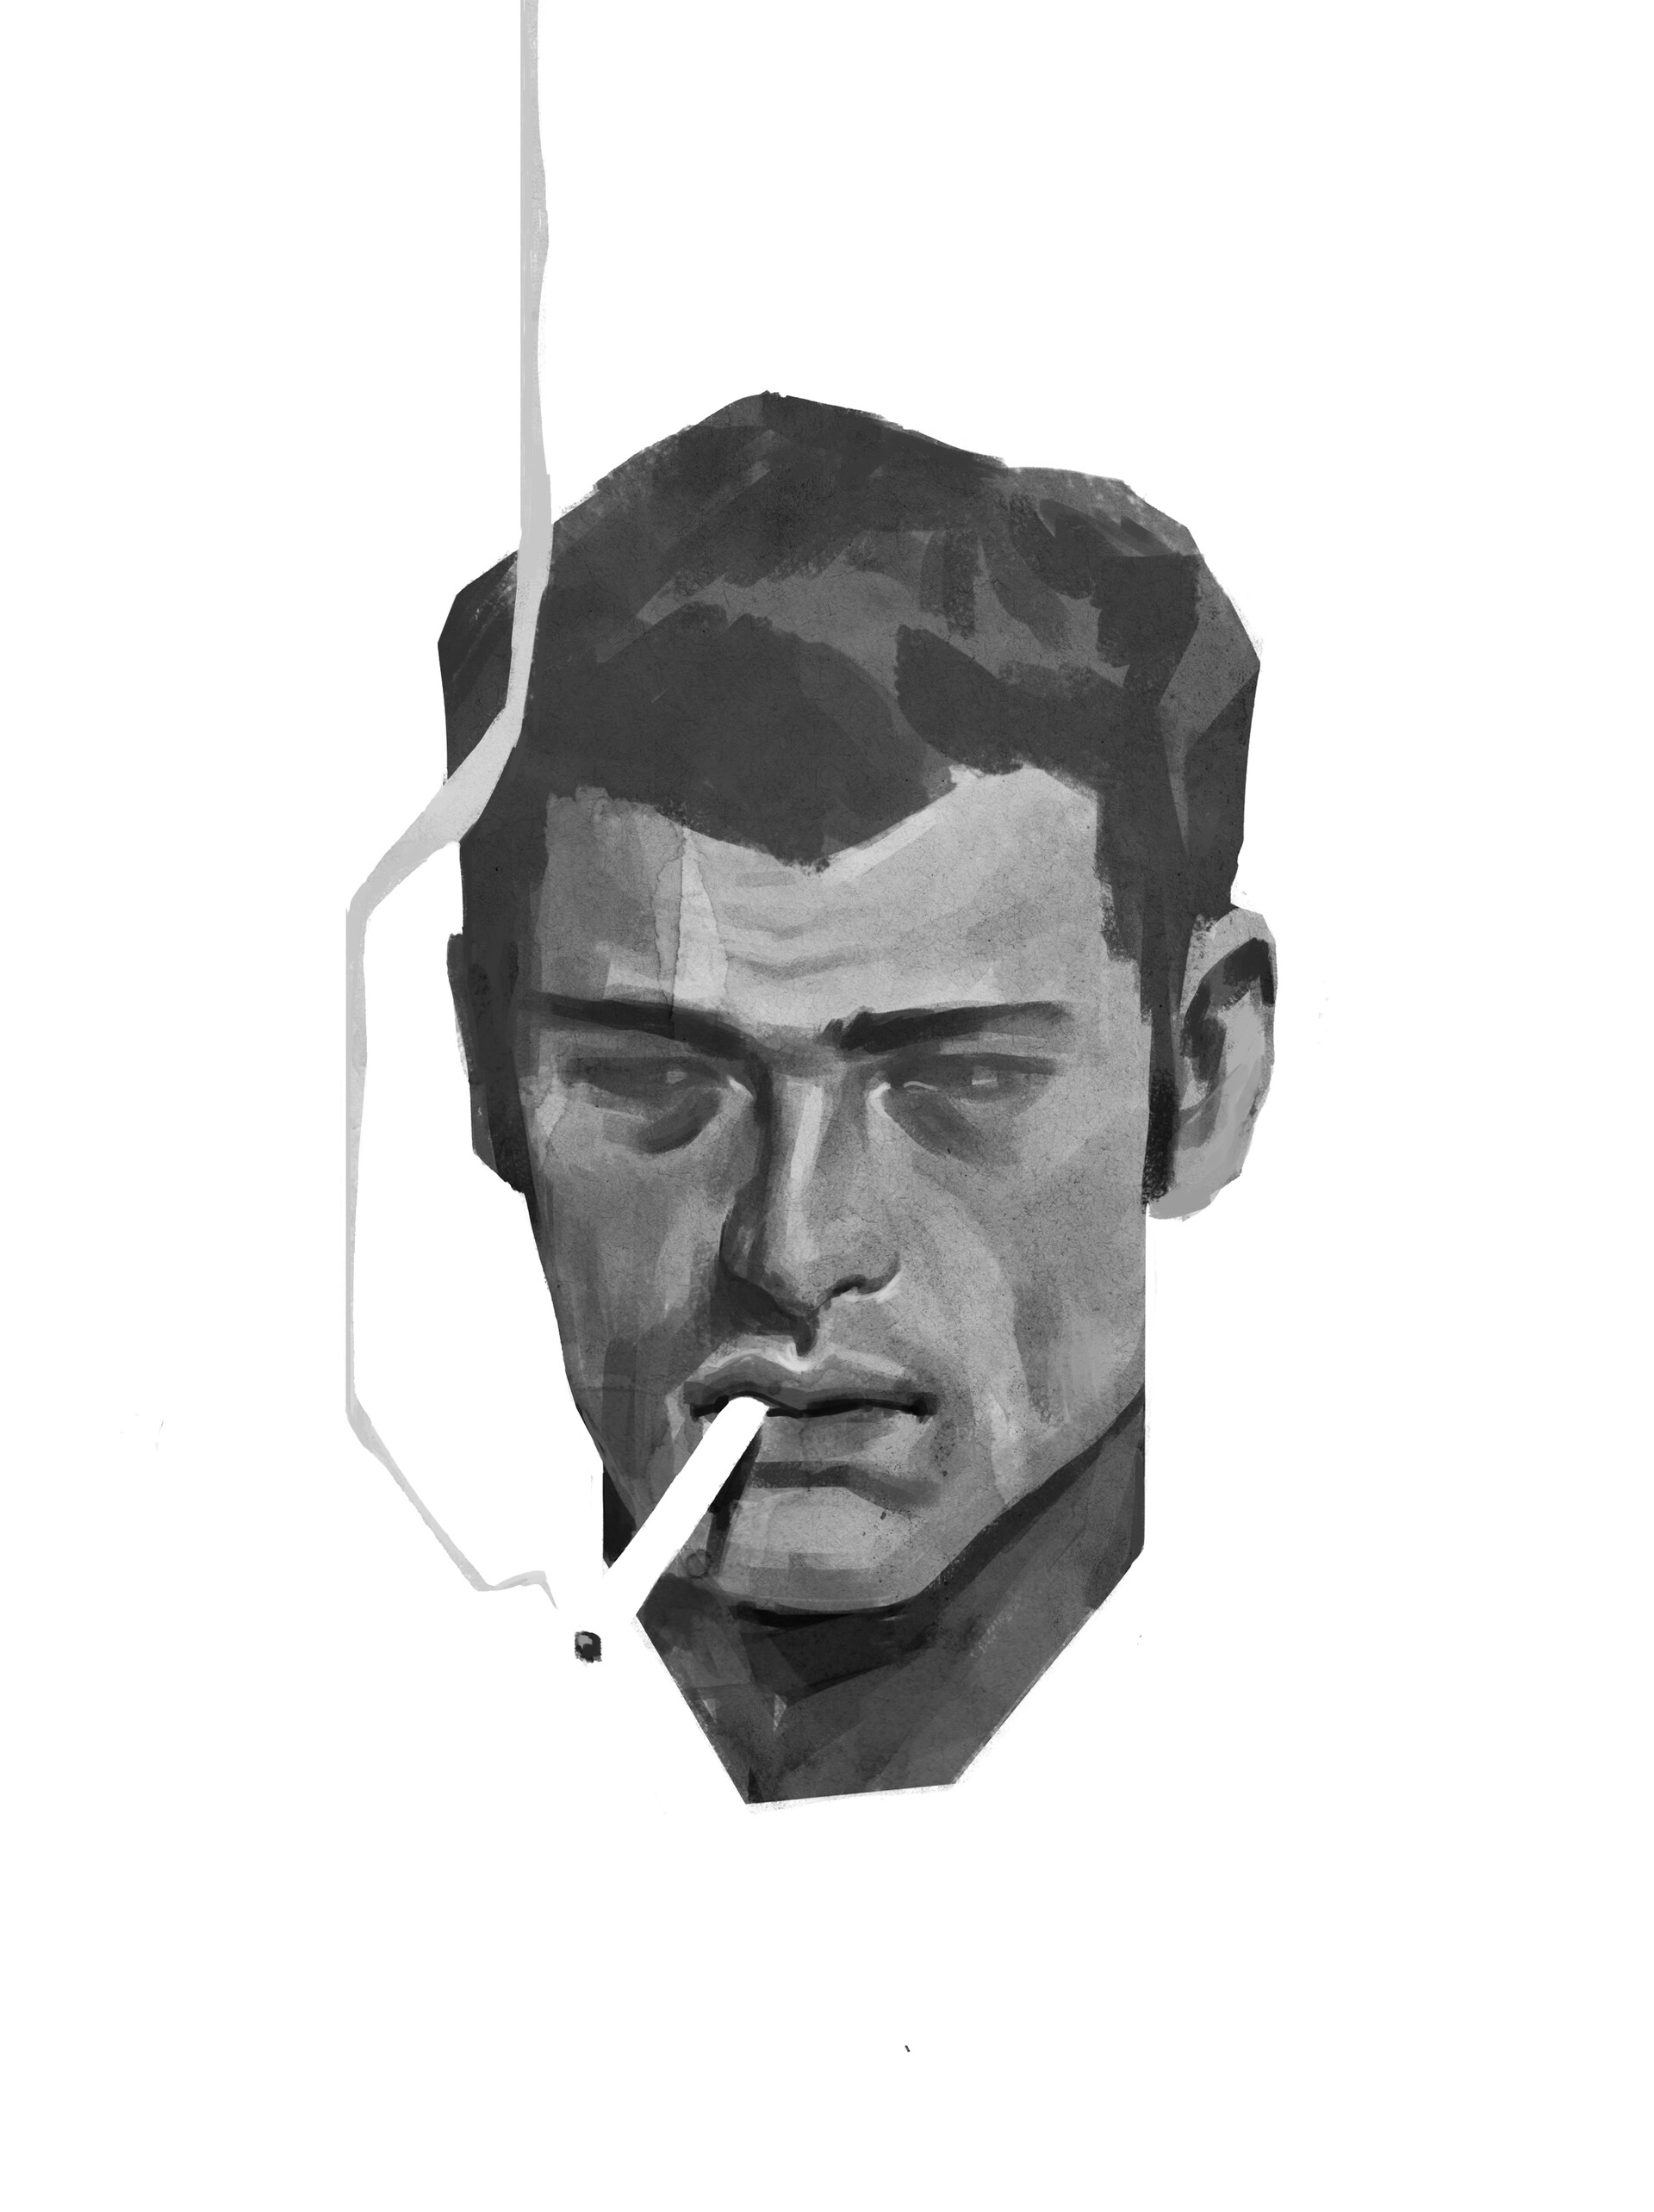 Jens claessens portrait3